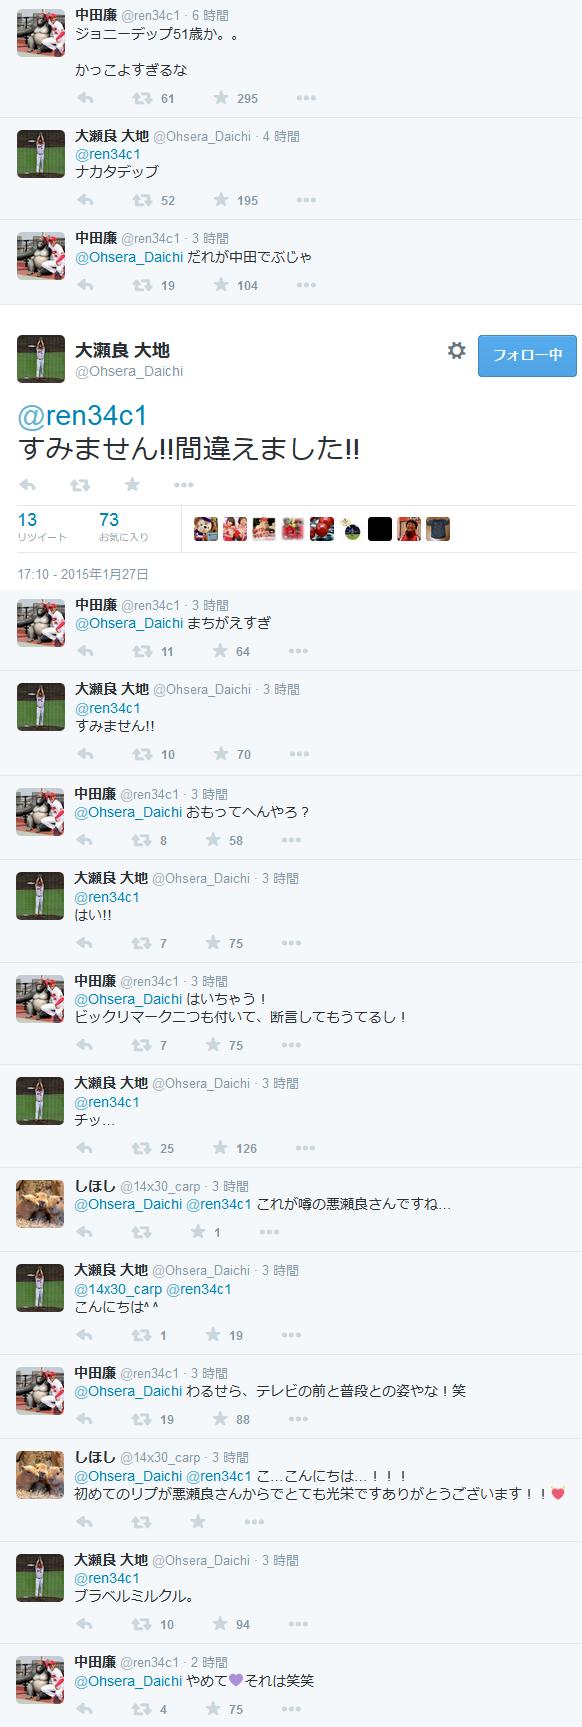 大瀬良_中田廉_Twitter